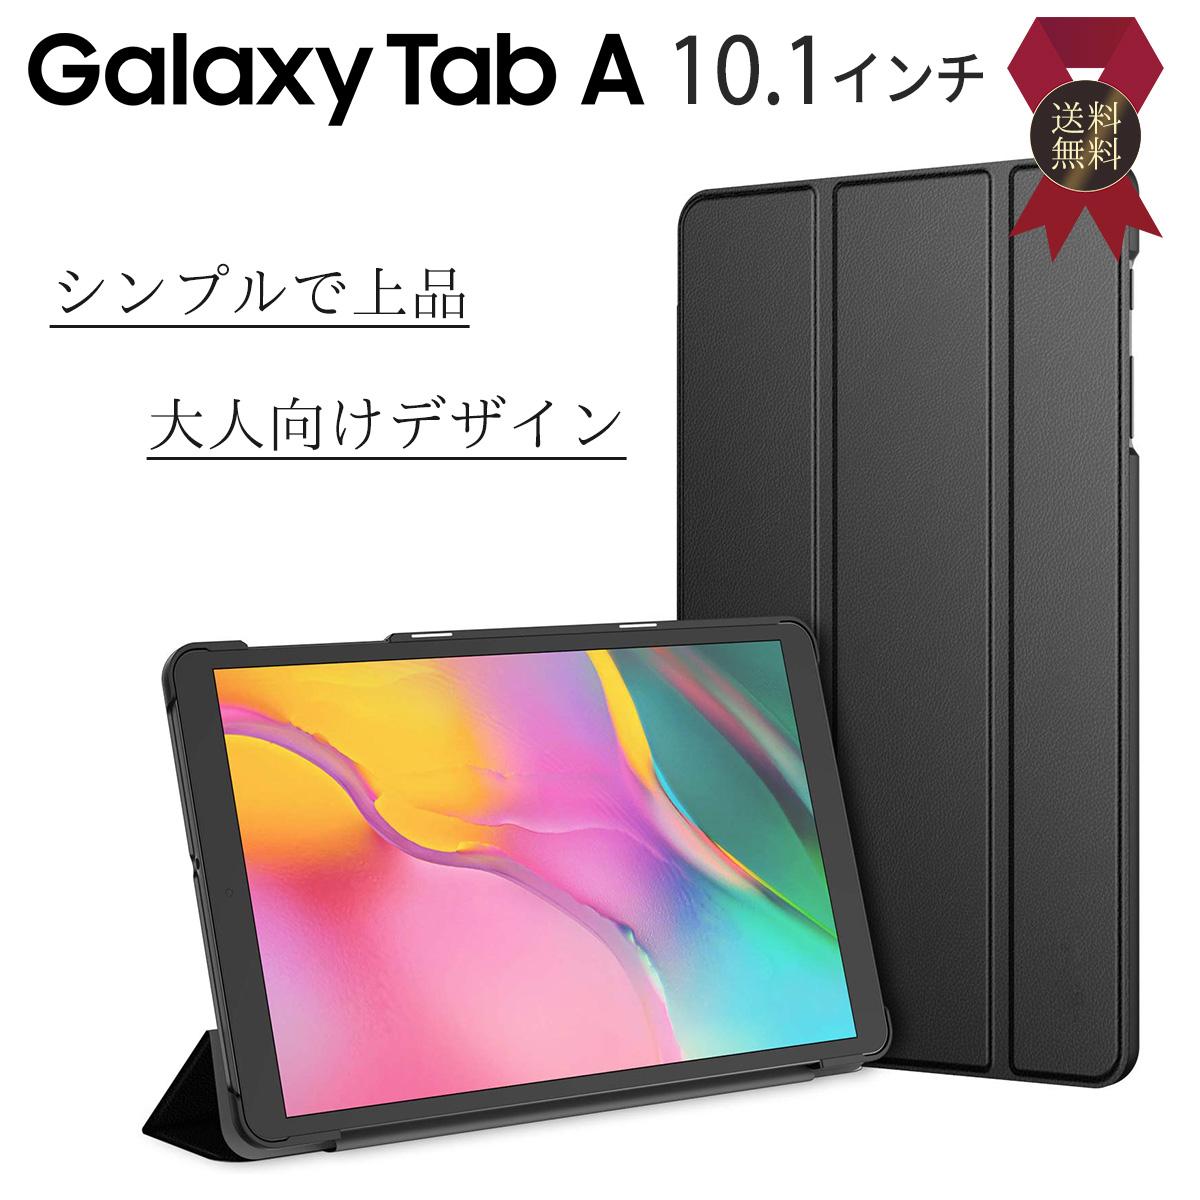 送料無料 GALAXY Tab A 10.1 タブレットケース カバー 日本最大級の品揃え ギャラクシー TabA 10.1インチ SM-T510 J:COM 市販 黒 ポイント消化 ブラック シンプル フラップ 軽量 タブレット 三つ折りスタンド ジェイコム 対応 マグネット内蔵